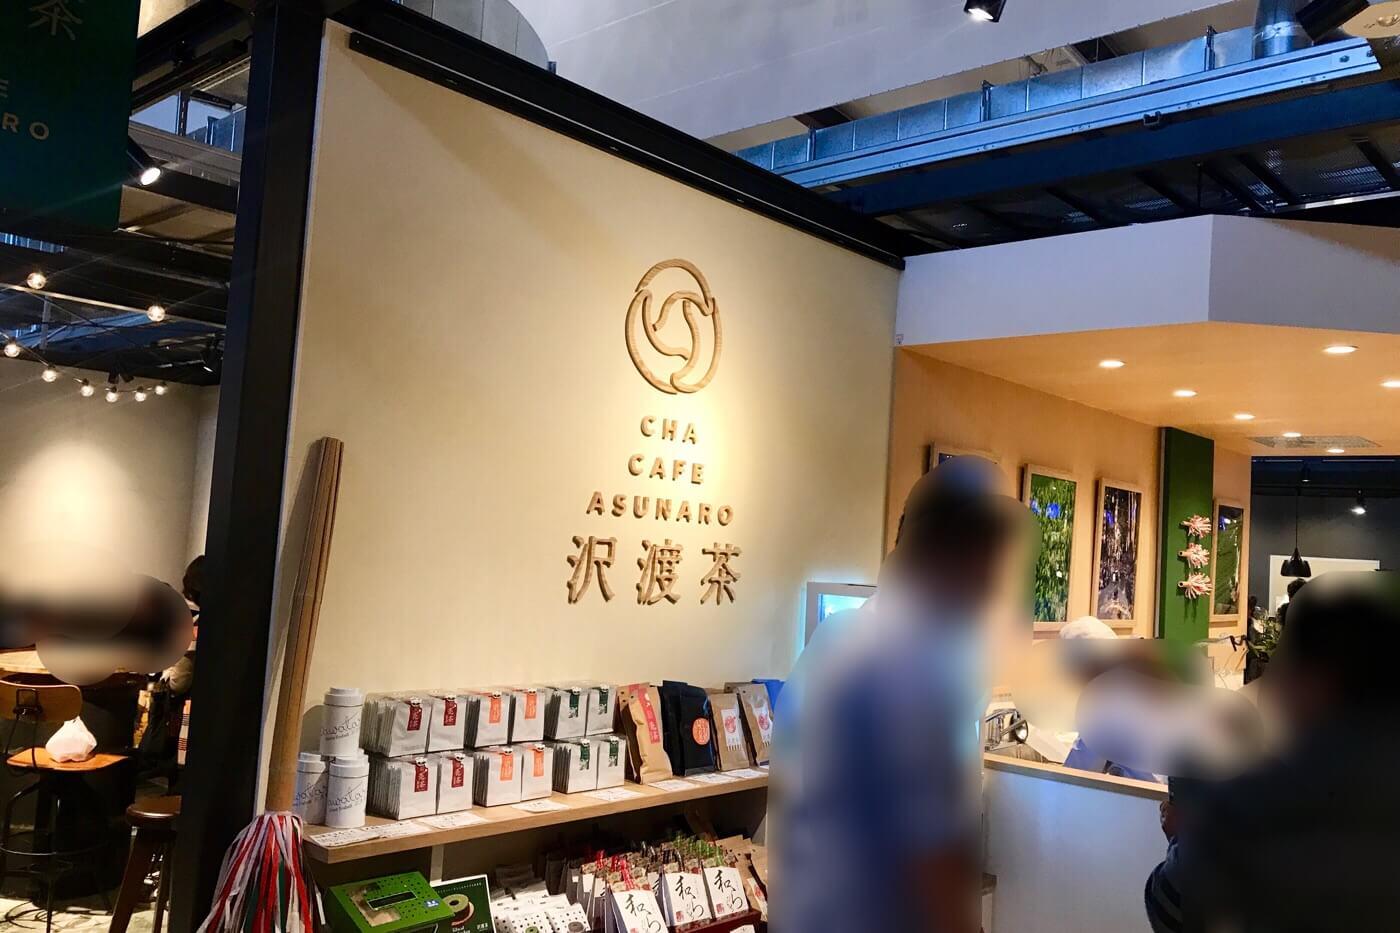 高知蔦屋書店 沢渡茶カフェ ASUNAROアスナロ